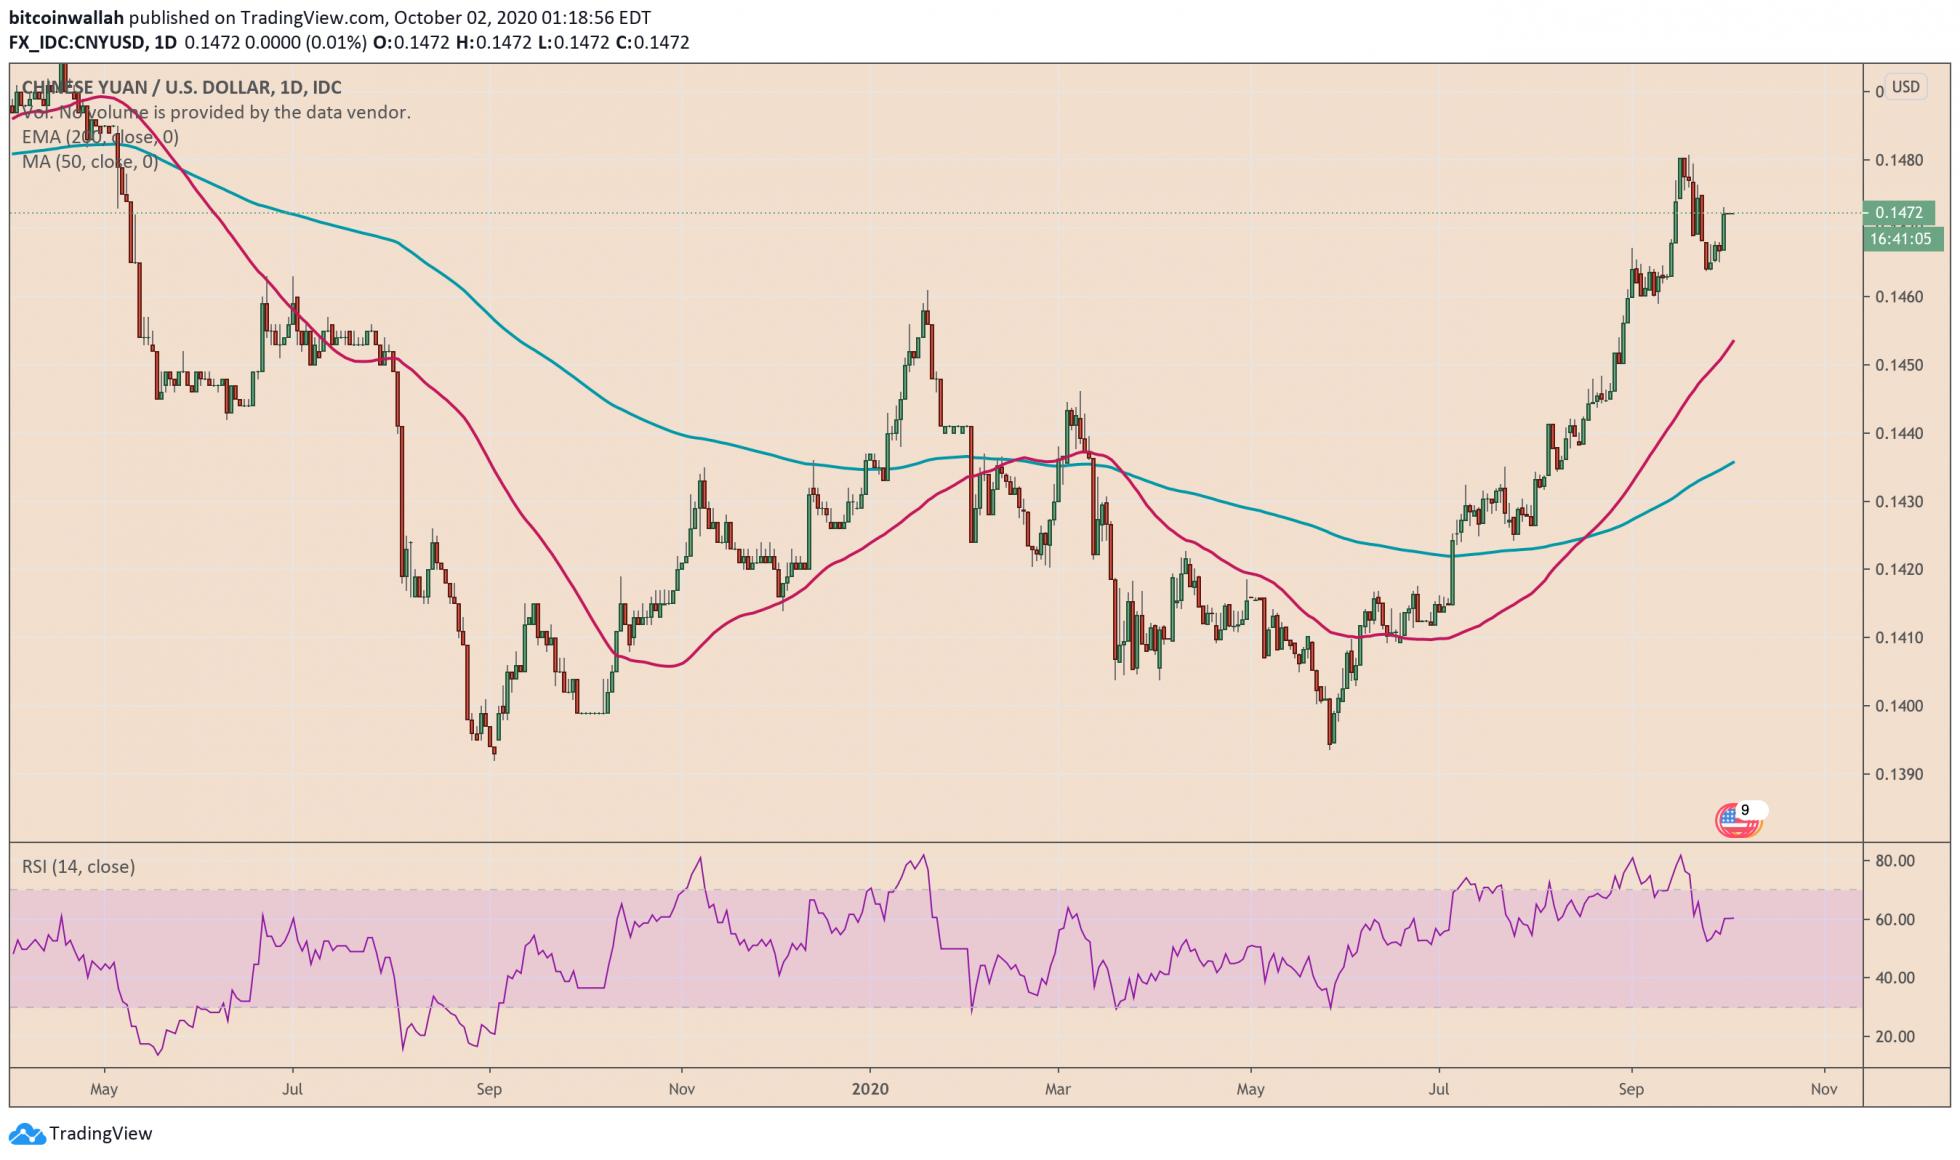 Китайский юань укрепляется по отношению к доллару США.